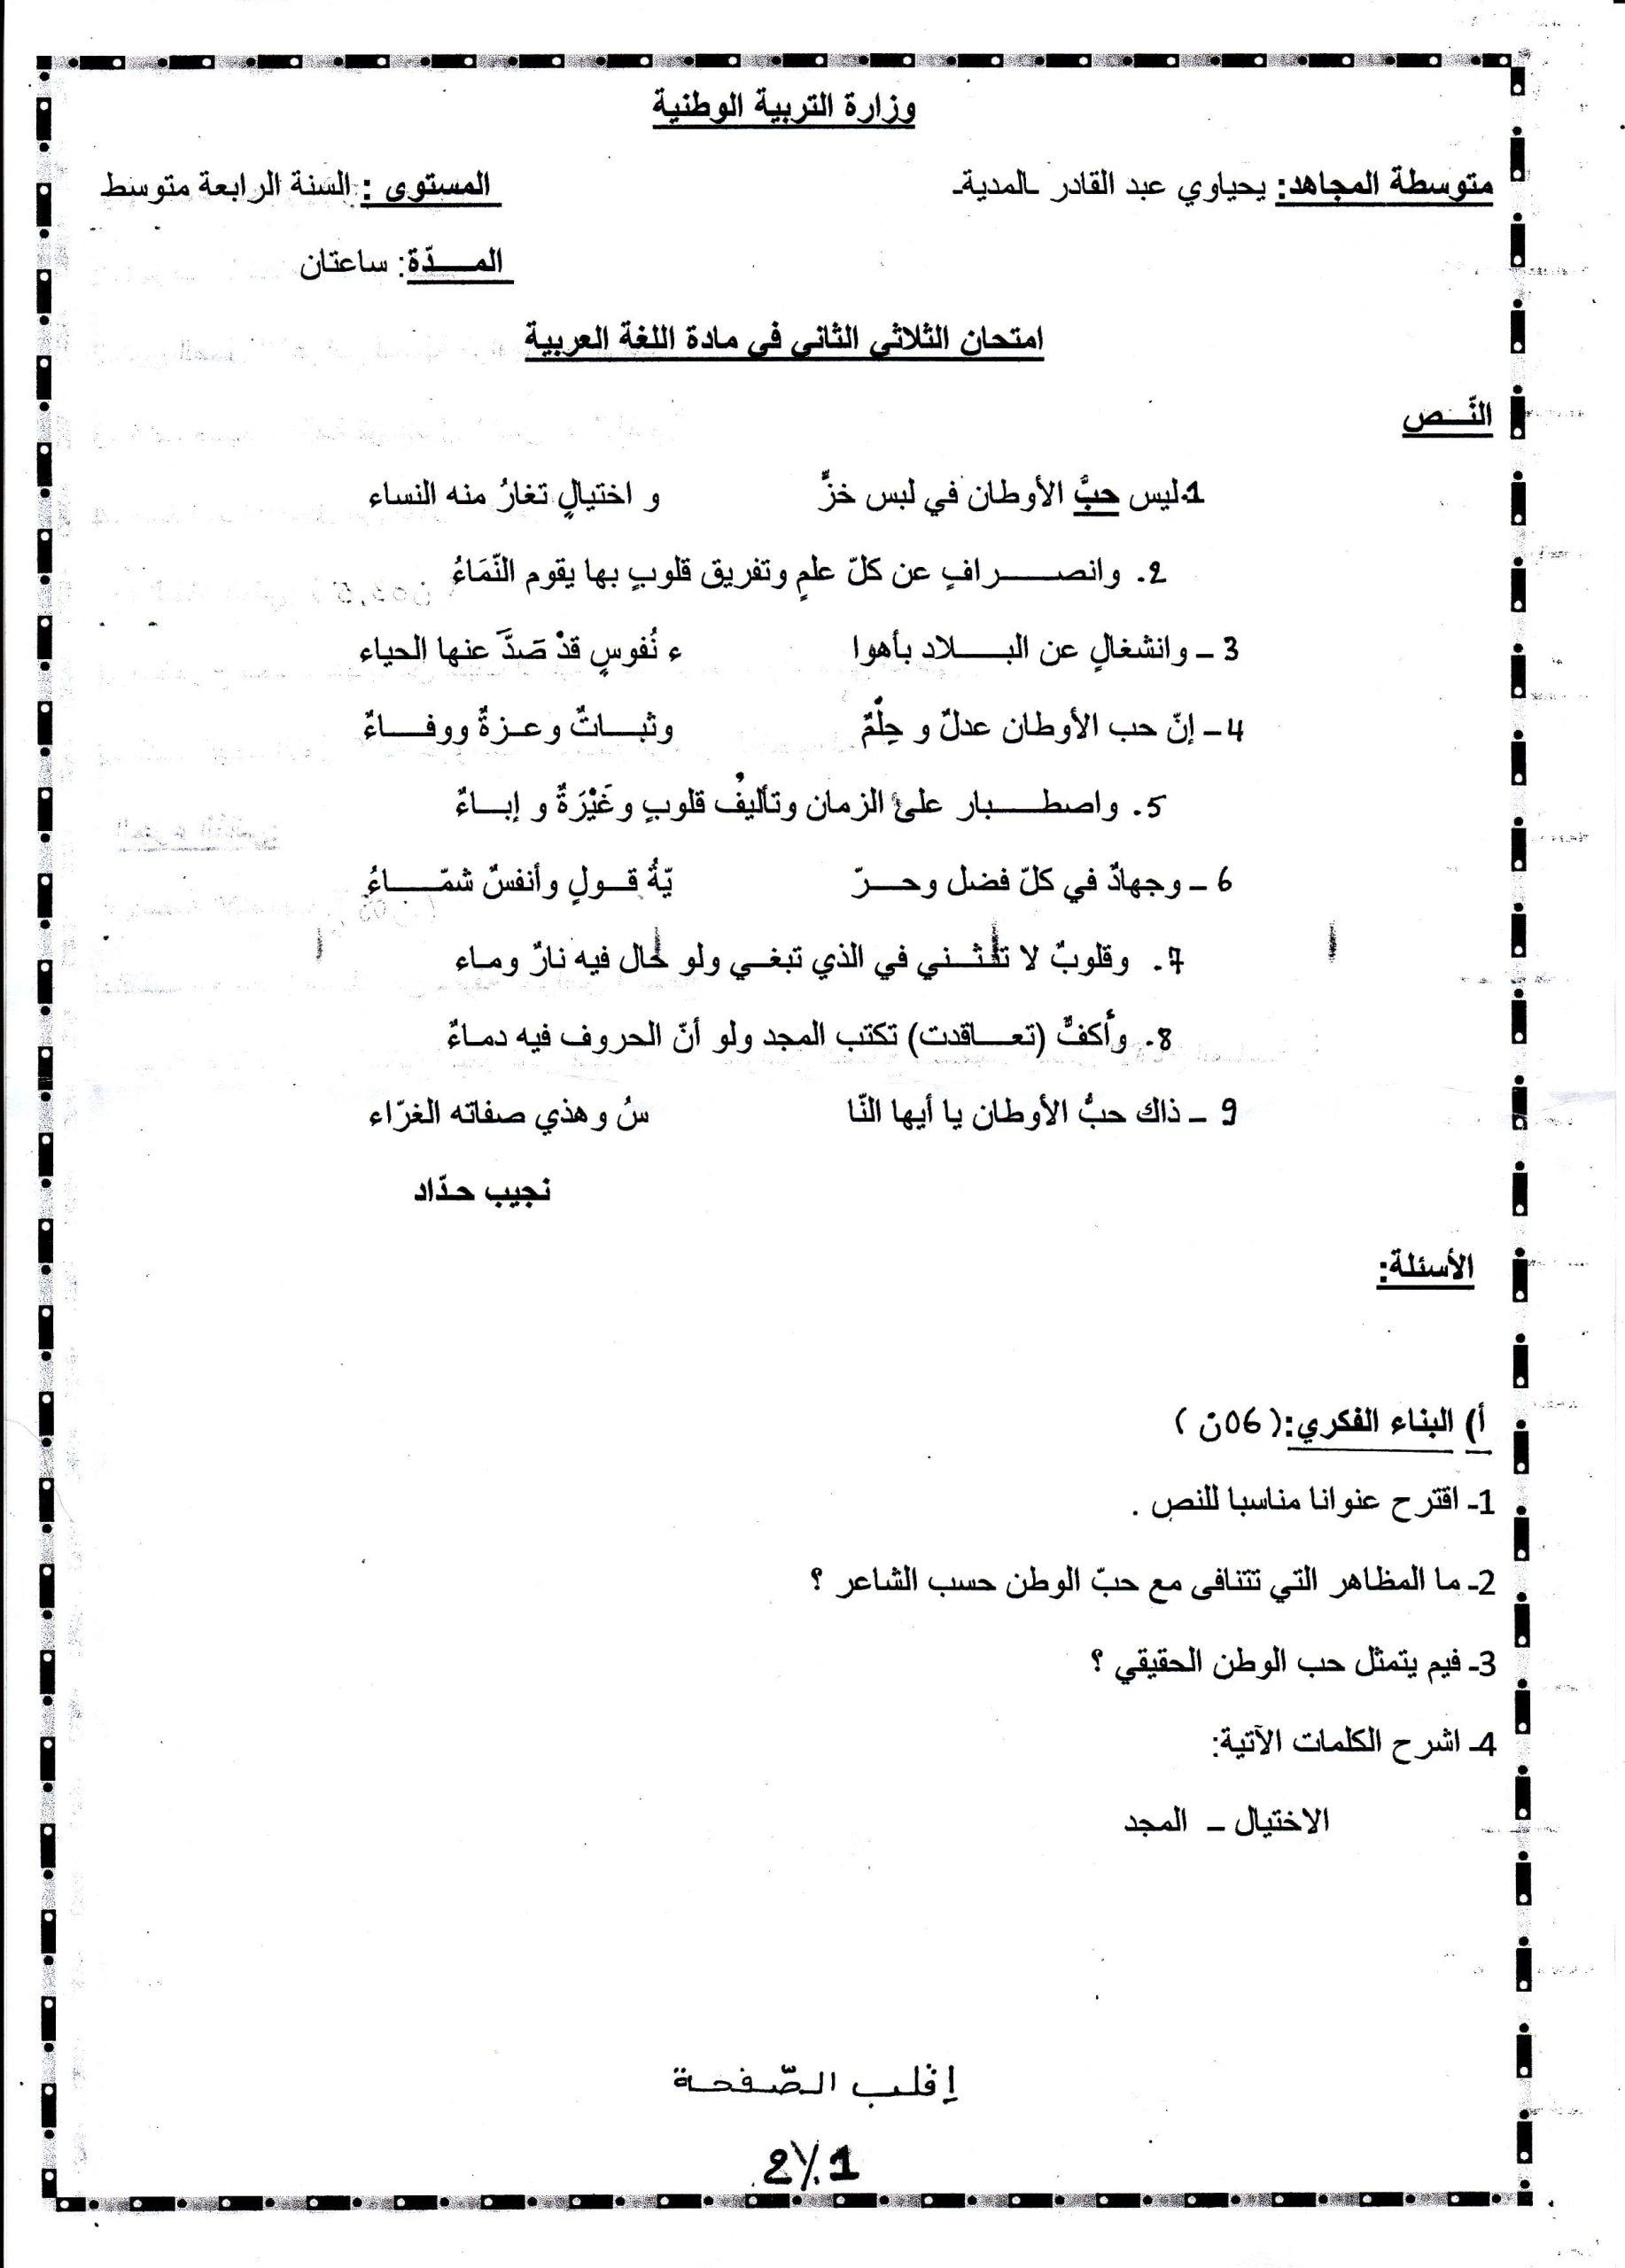 اختبار الفصل الثاني في اللغة العربية السنة الرابعة متوسط | الموضوع 04